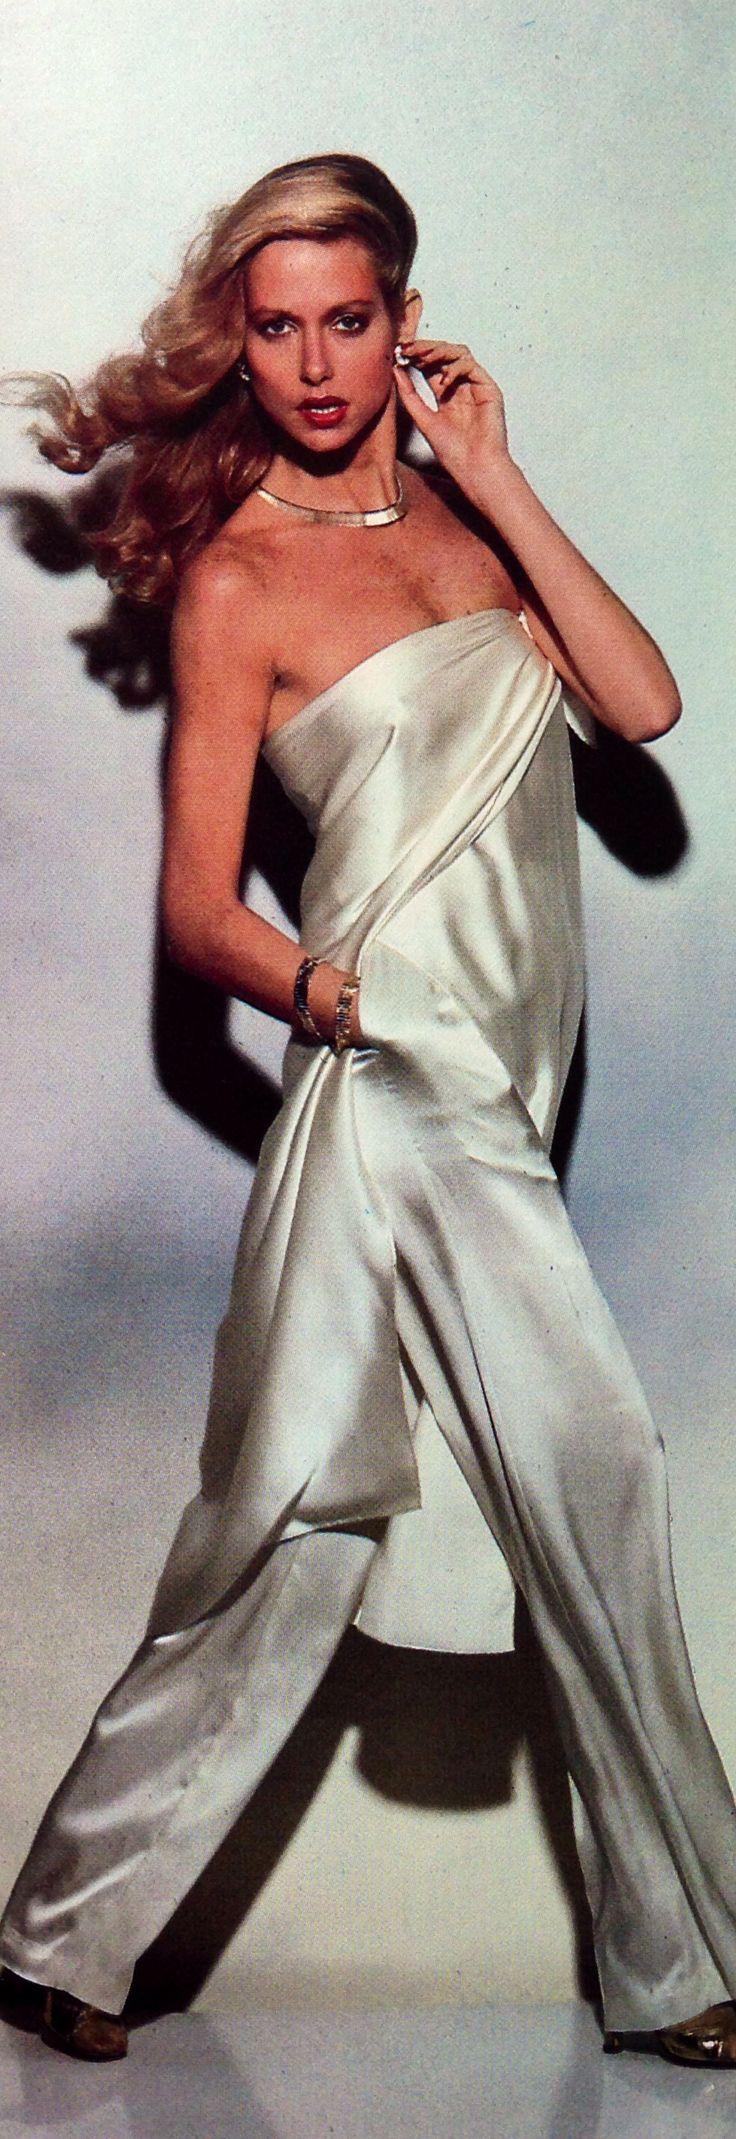 Vintage jumpsuit 1979 vintage fashion color photo print ad models magazine designer 70s 80s white silk jumpsuit pantsuit tunic pants